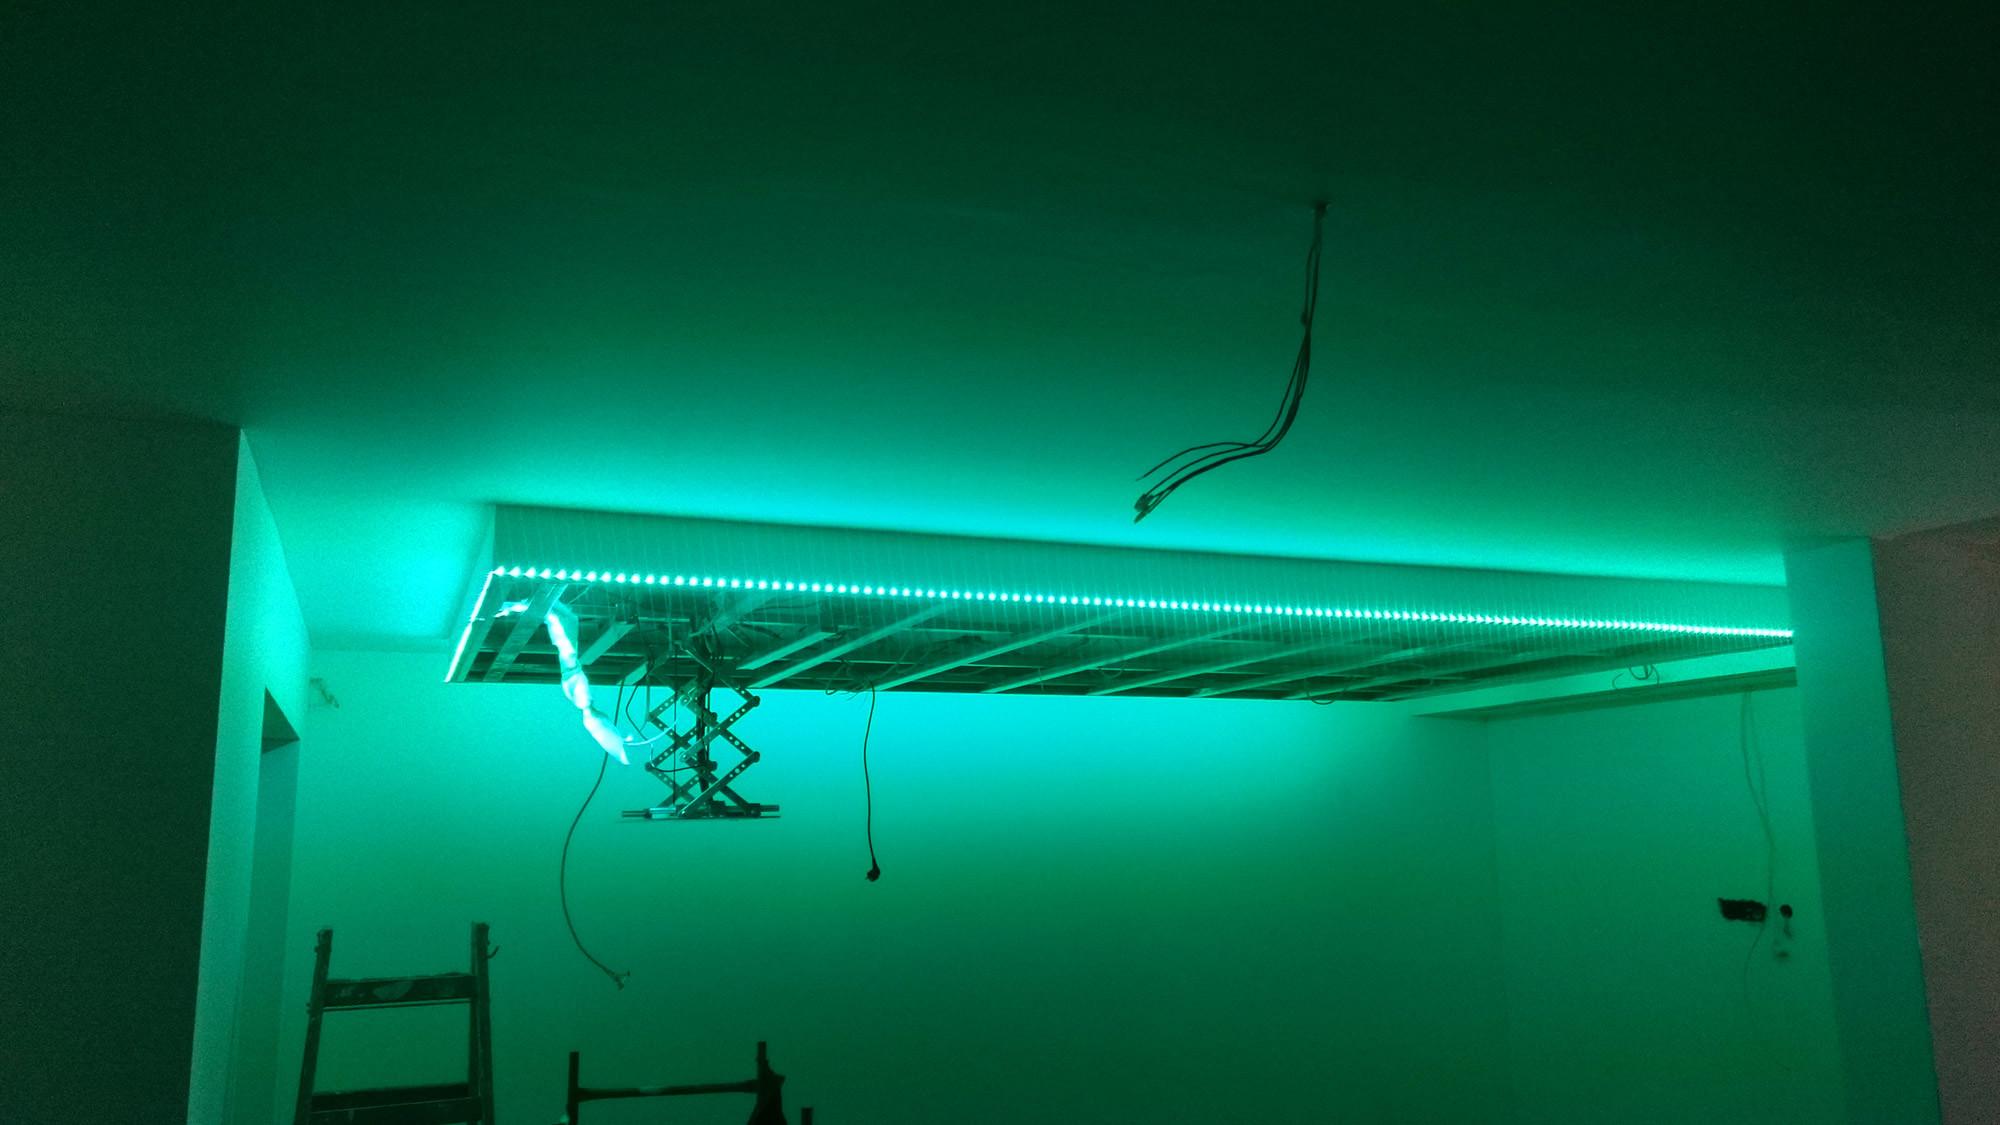 abgeh ngte decke mit indirekter beleuchtung lichtvouten selber machen. Black Bedroom Furniture Sets. Home Design Ideas